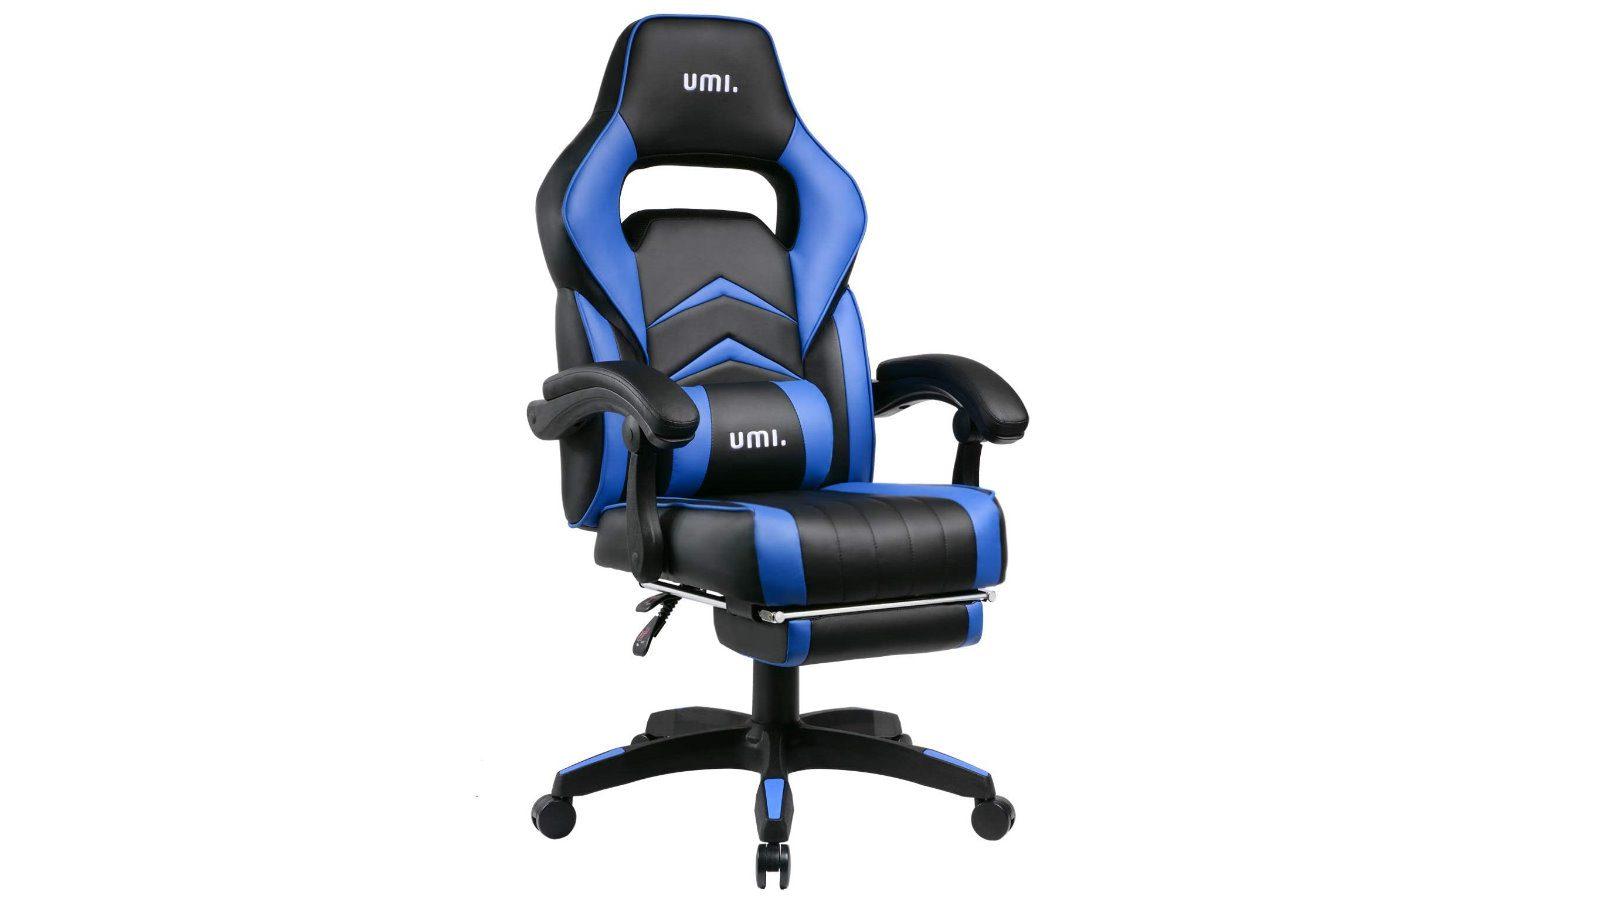 UMI Gaming Stuhl - Ergonomisches Chefsessel mit Fußstützen